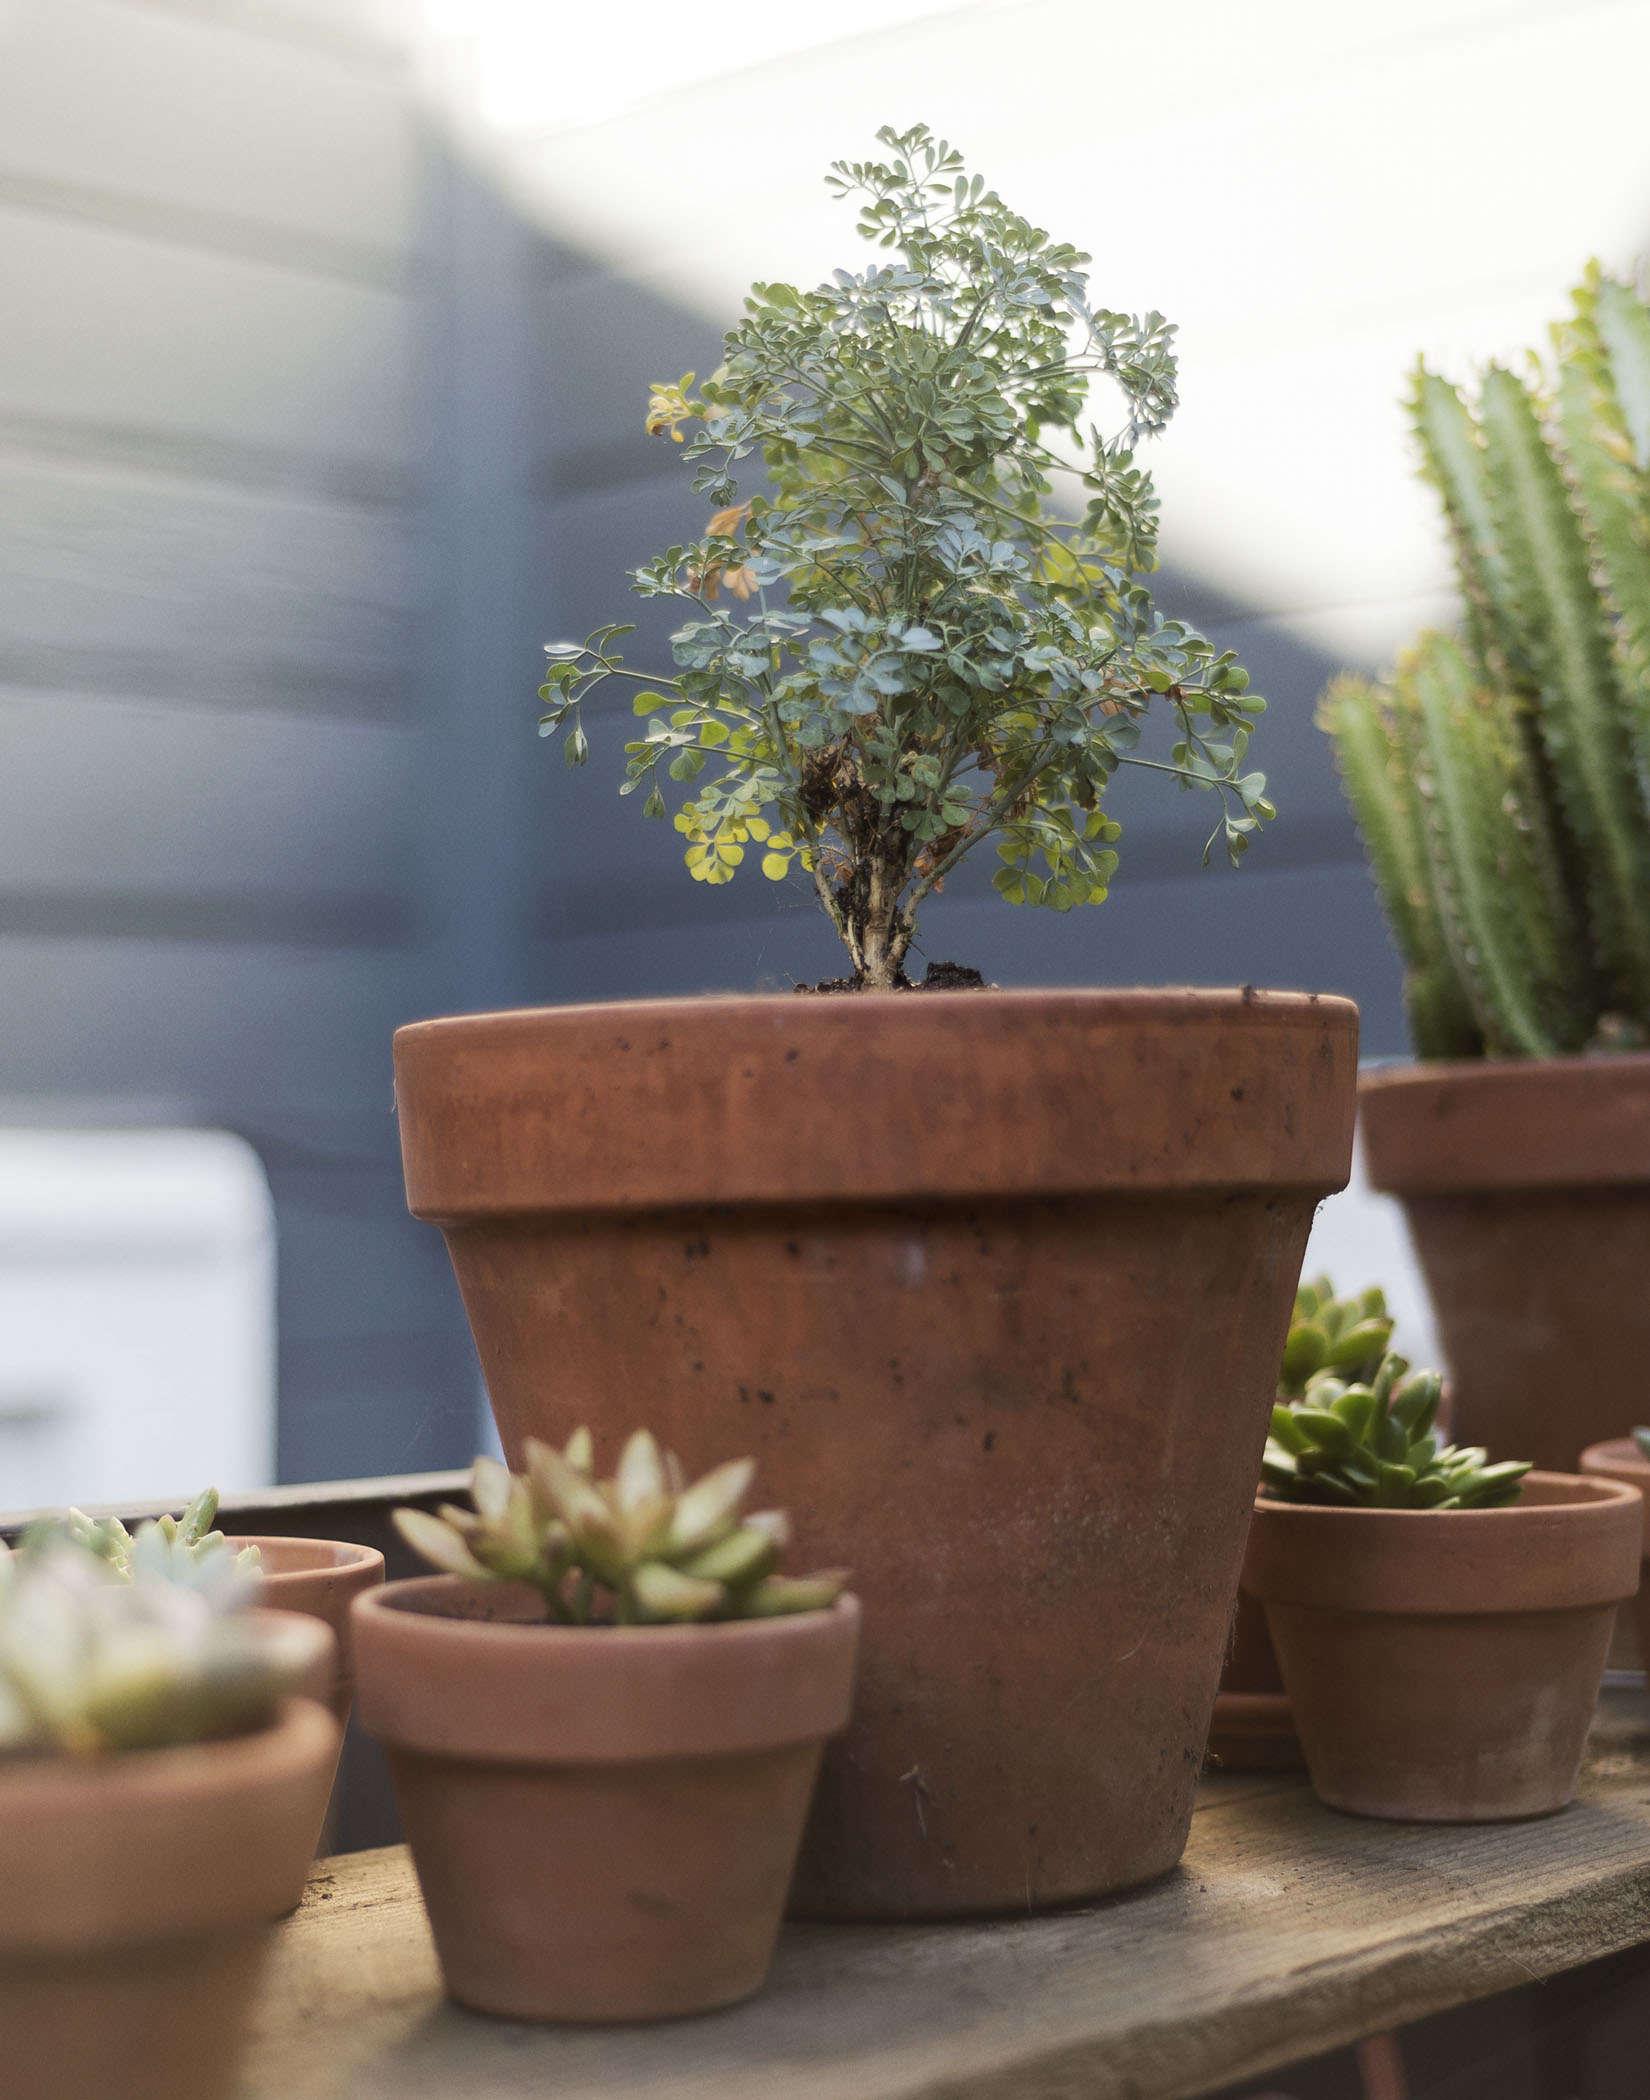 klein-garden-mission-san-francisco-gardenista-potted-plants